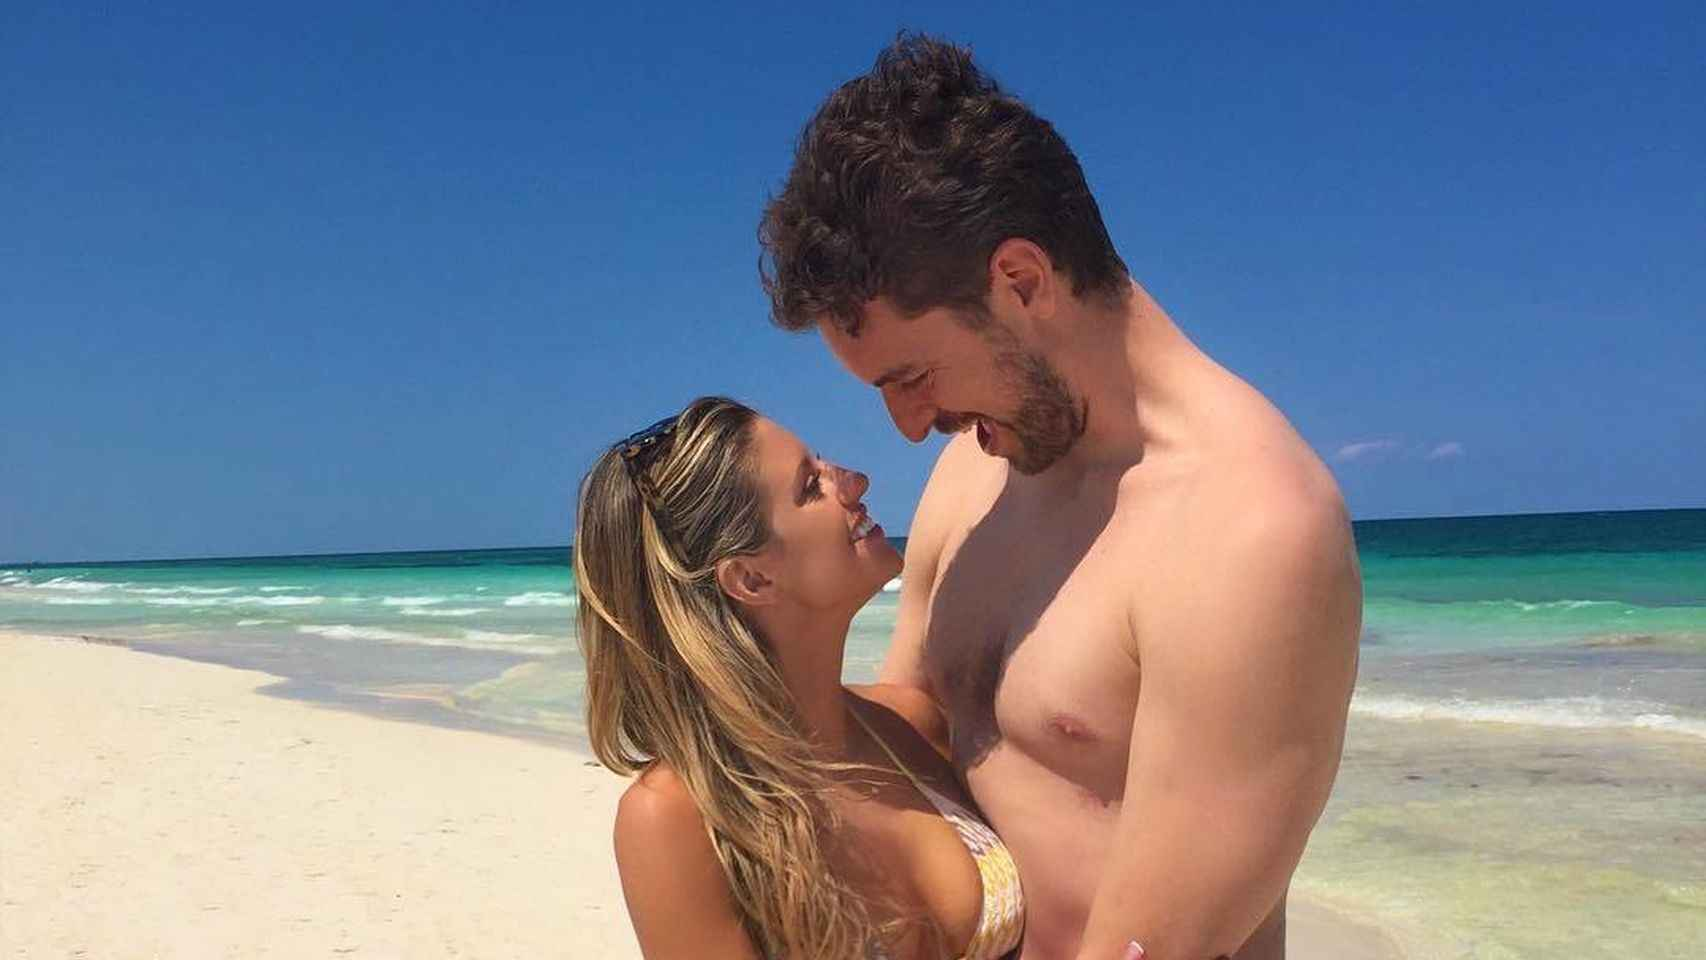 El deportista no pierde ocasión para ver a su nueva novia.